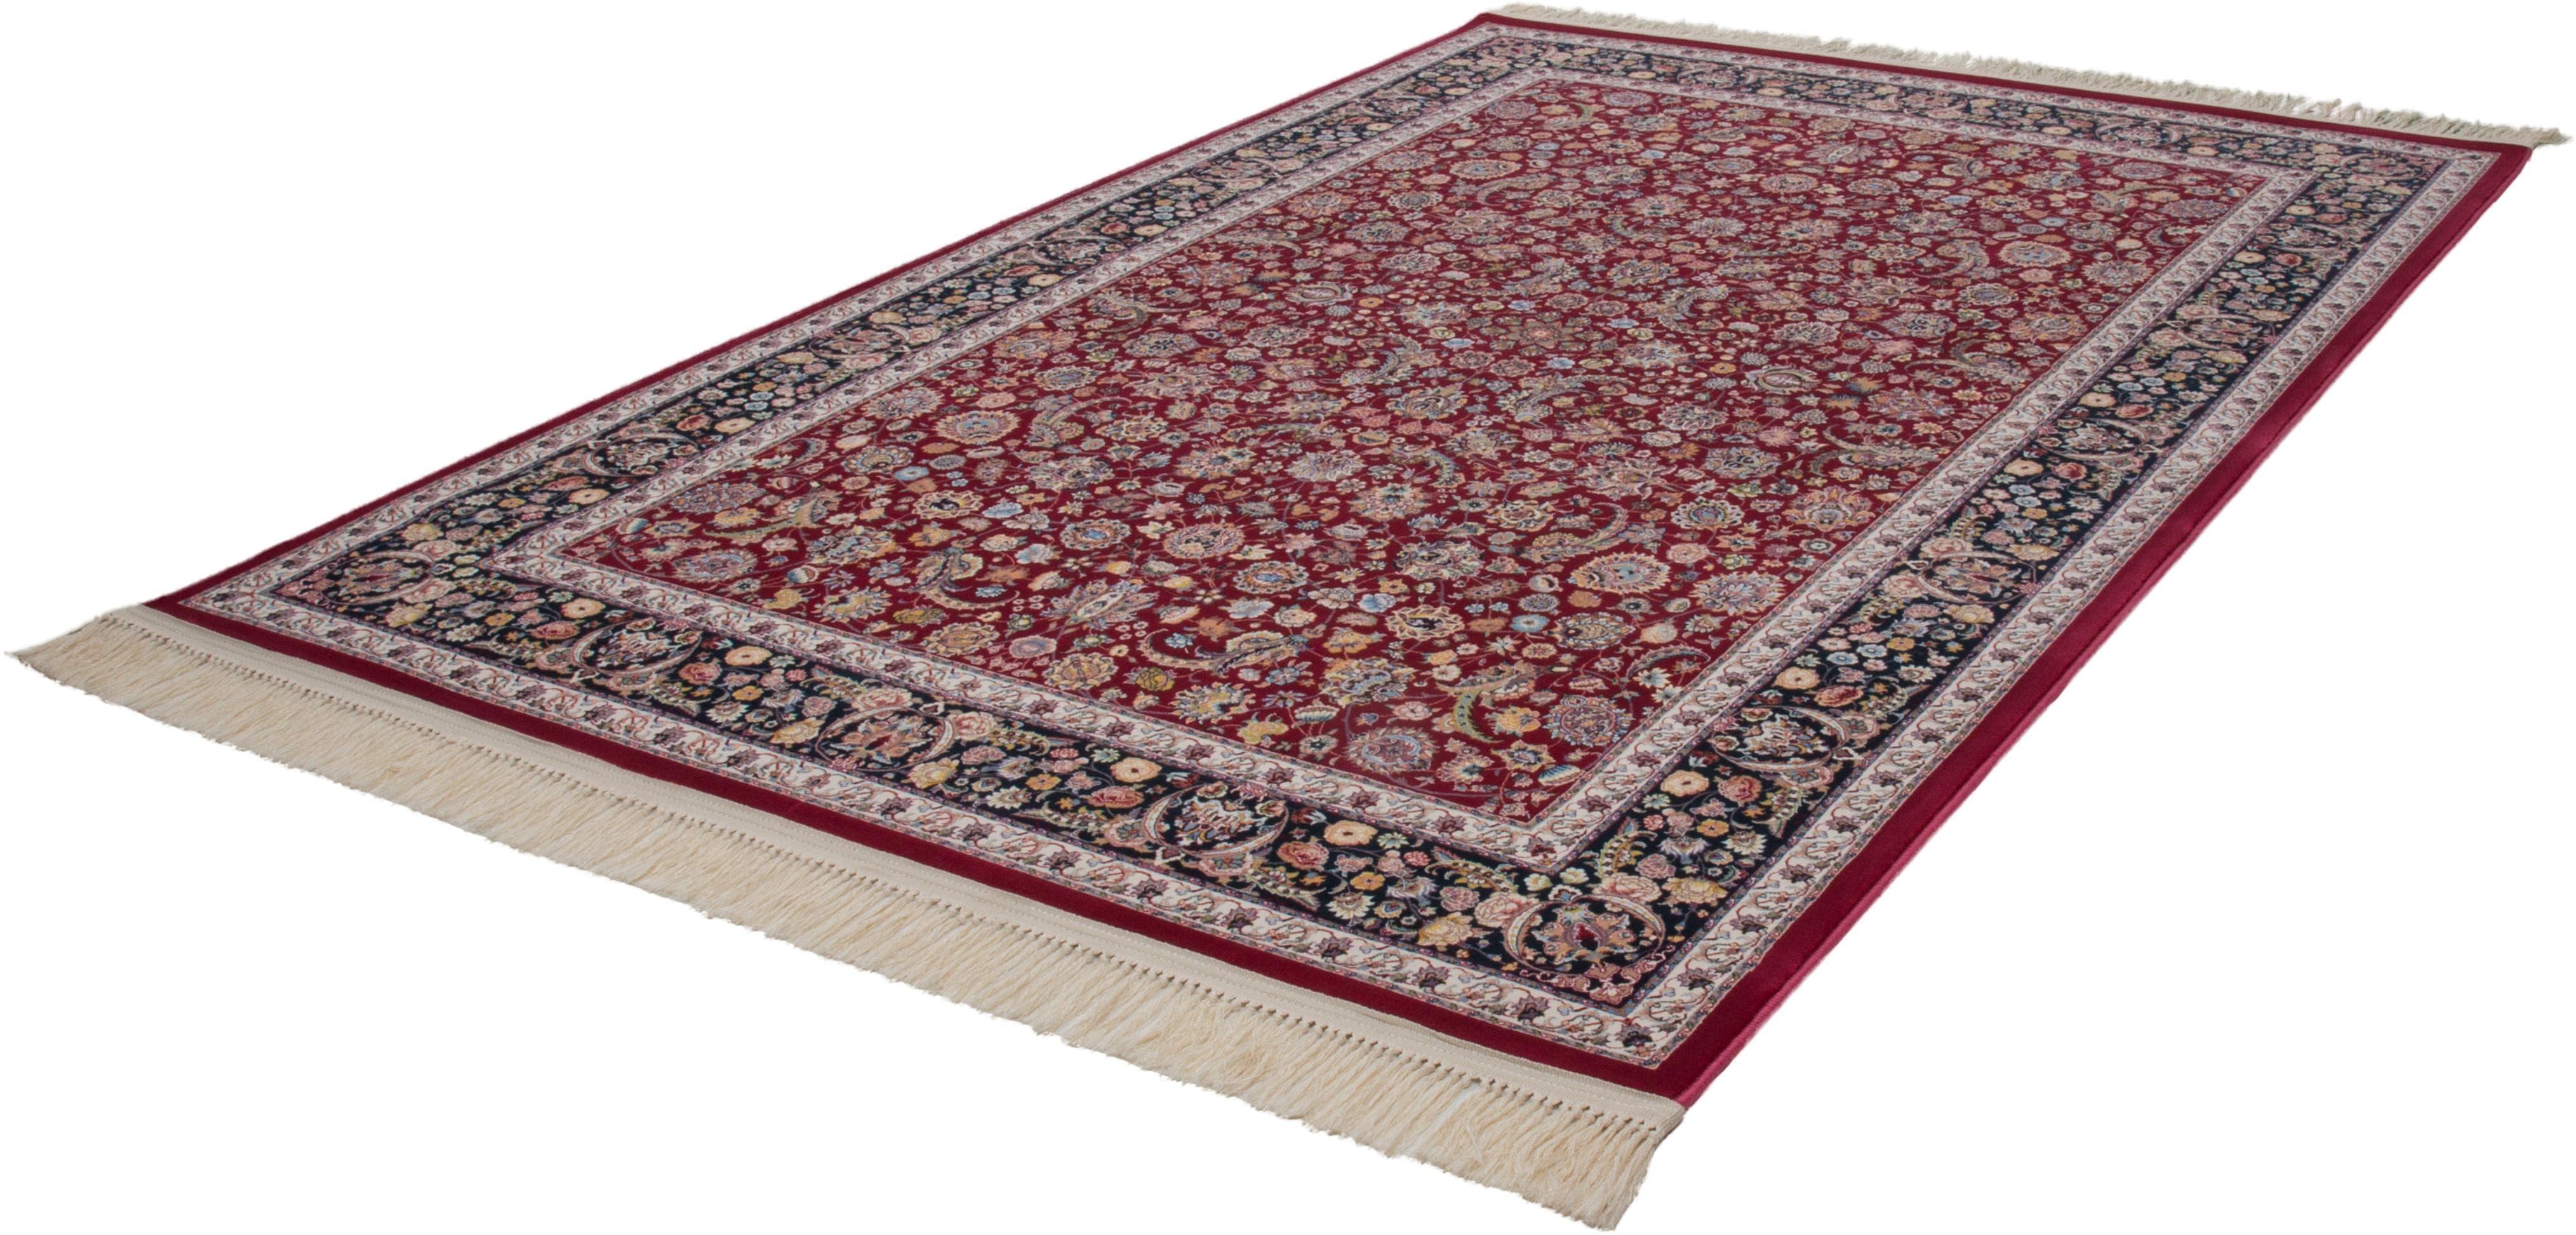 Orientteppich Isfahan 902 LALEE rechteckig Höhe 10 mm maschinell gewebt